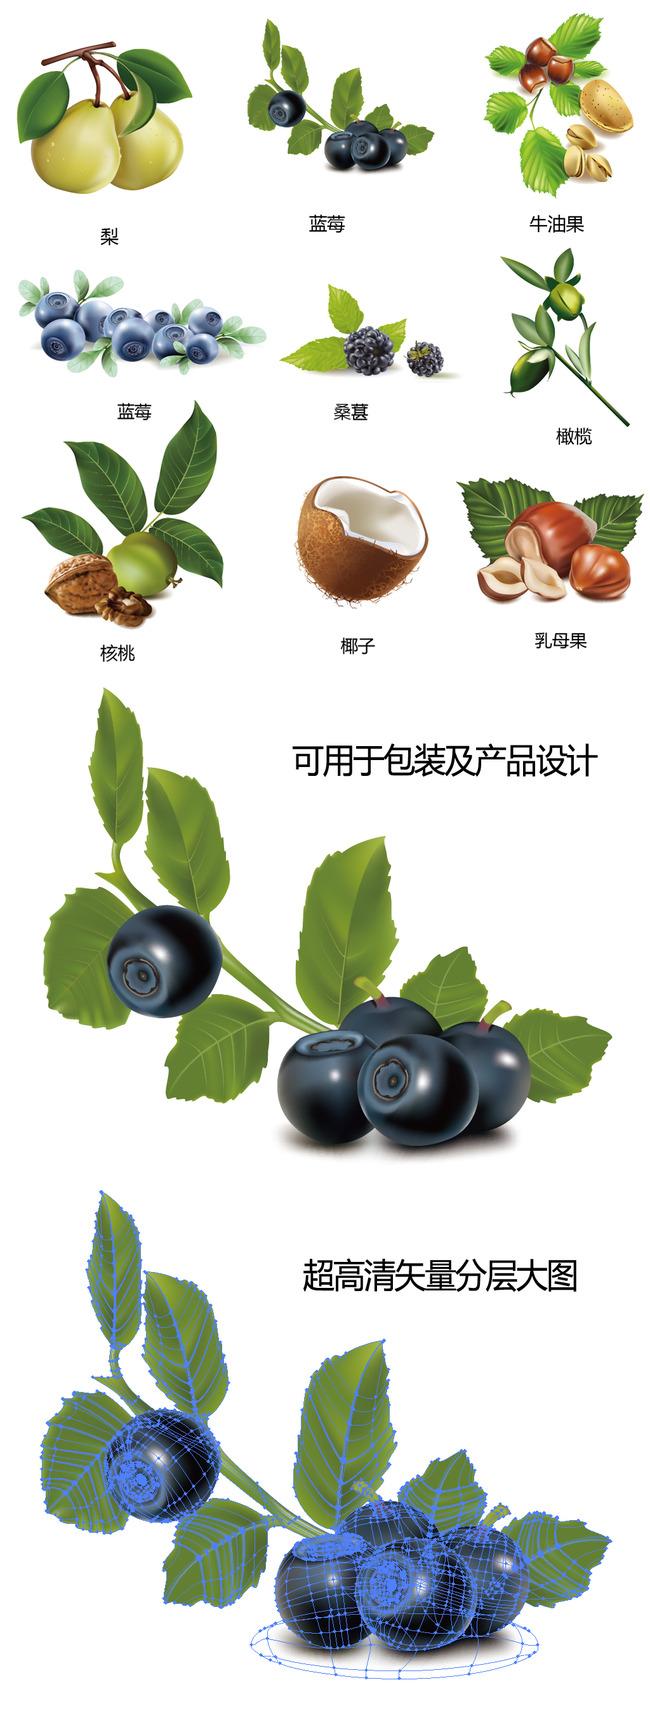 常见水果干果矢量图  关键词: 高清 水果 干果 梨 蓝莓 牛油果 乳木果